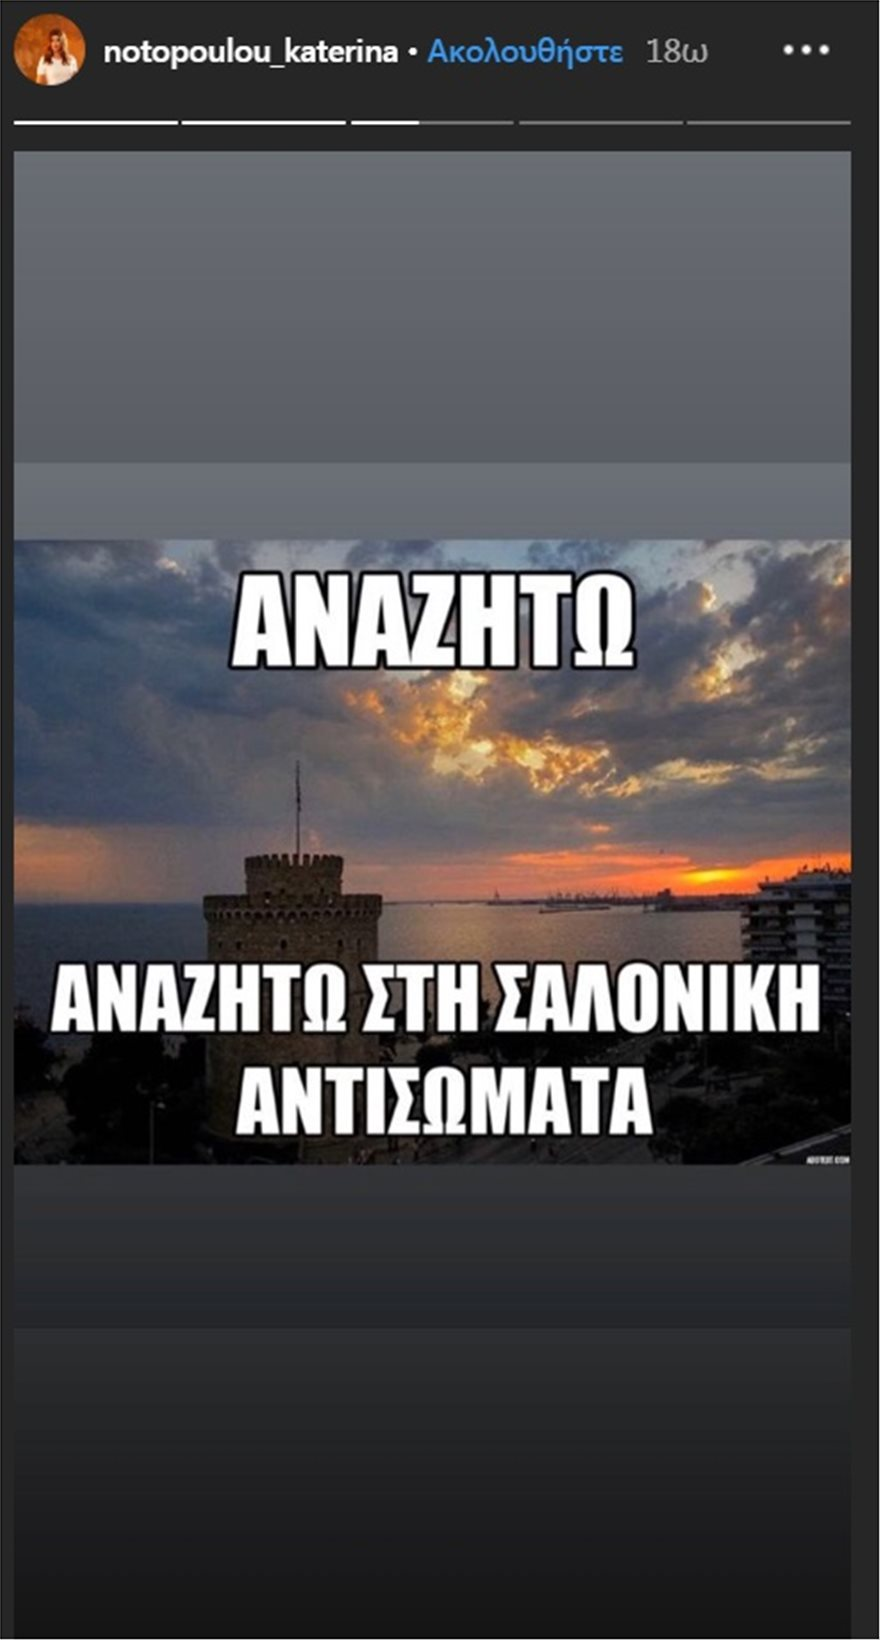 notopoulou_anart1